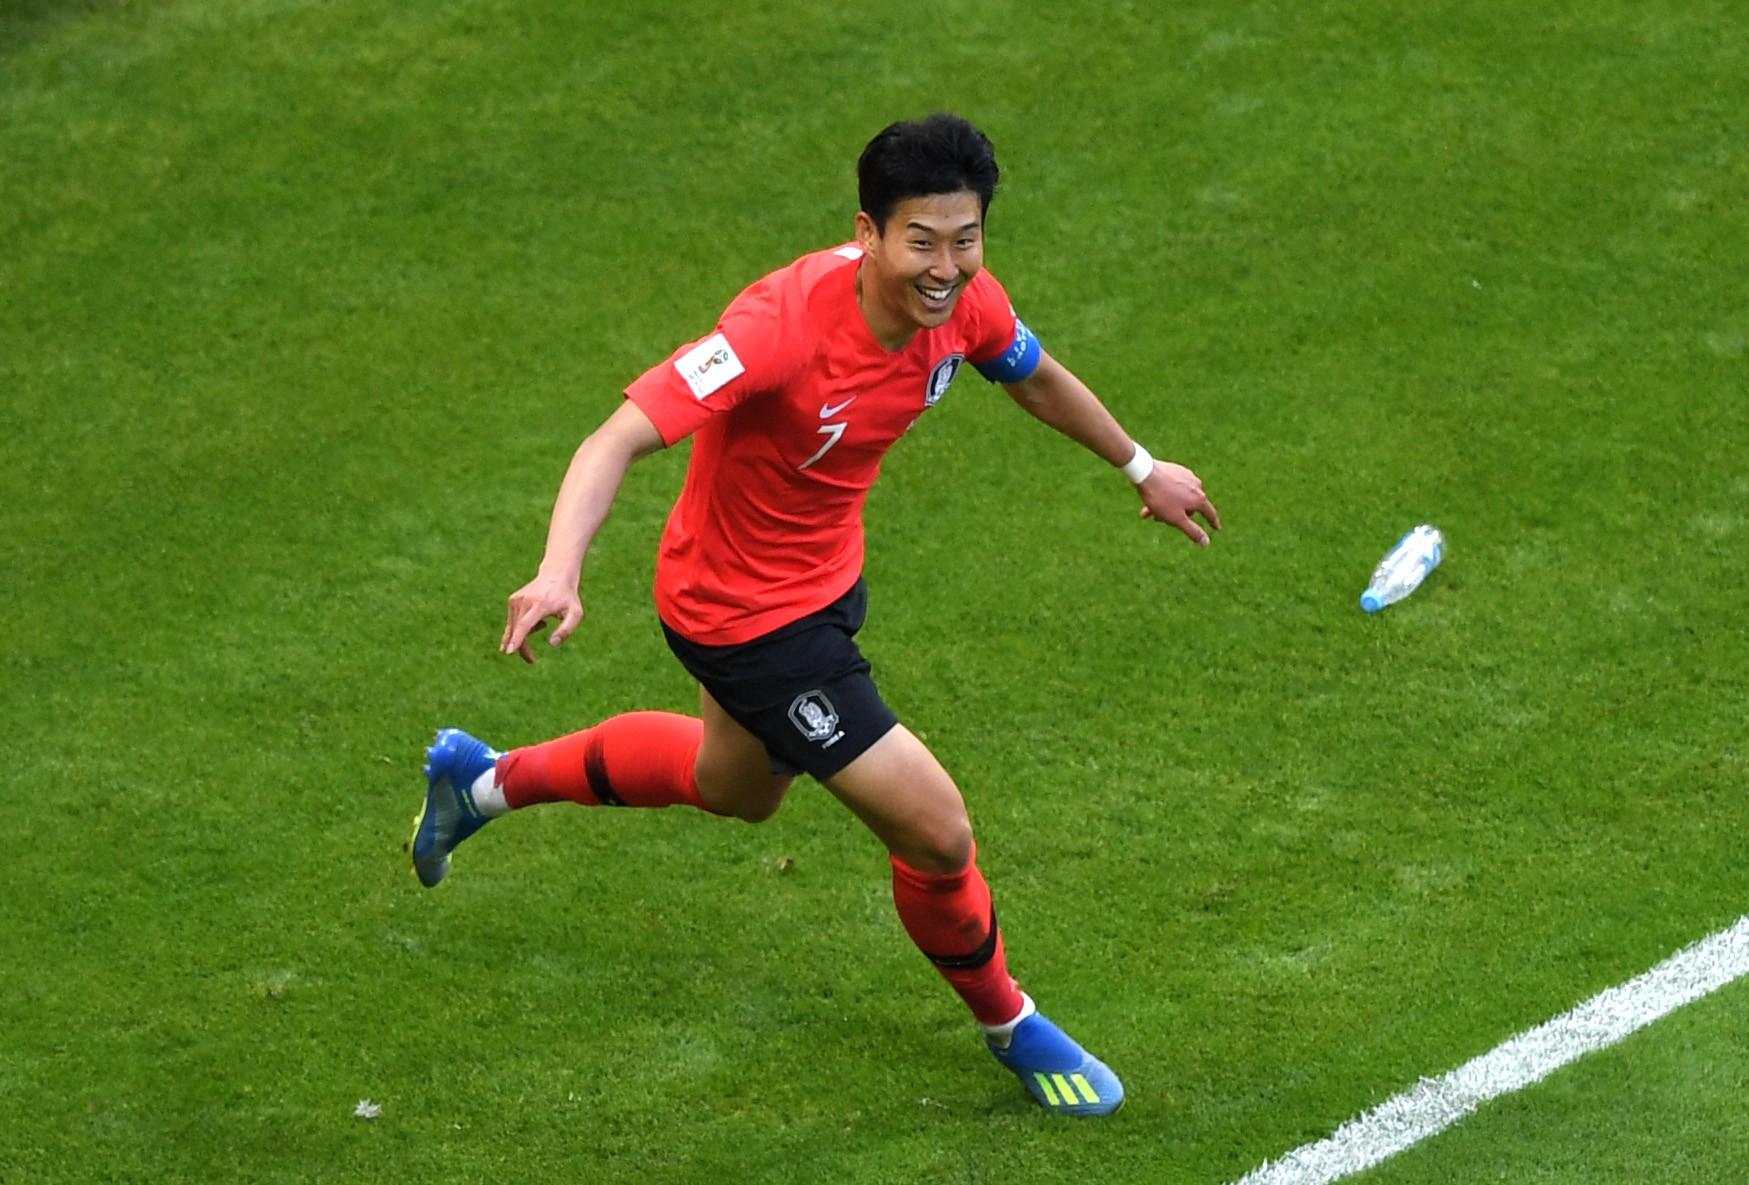 O craque coreano Son HeungMin celebrando um gol na vitória de sua seleção contra a Alemanha na Copa do Mundo de 2018 (Foto: Getty Images)